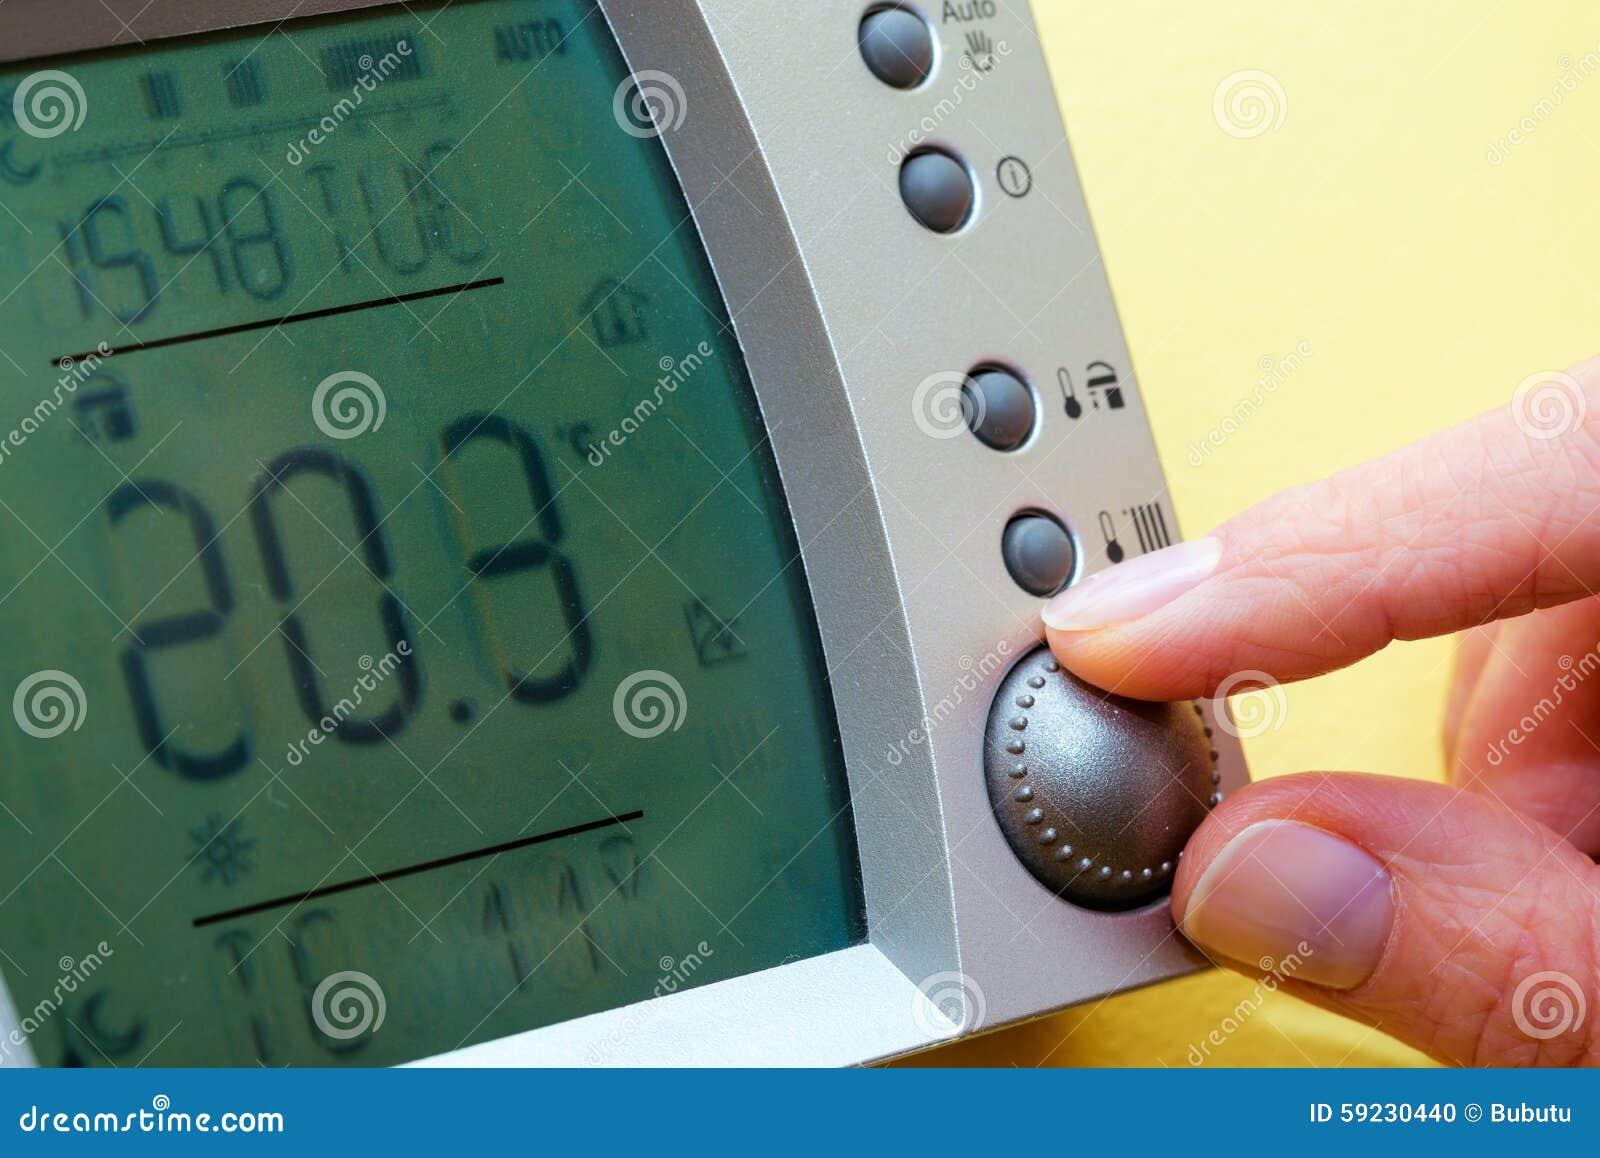 Panel de control de la caldera de gas para la agua caliente y la calefacción copia